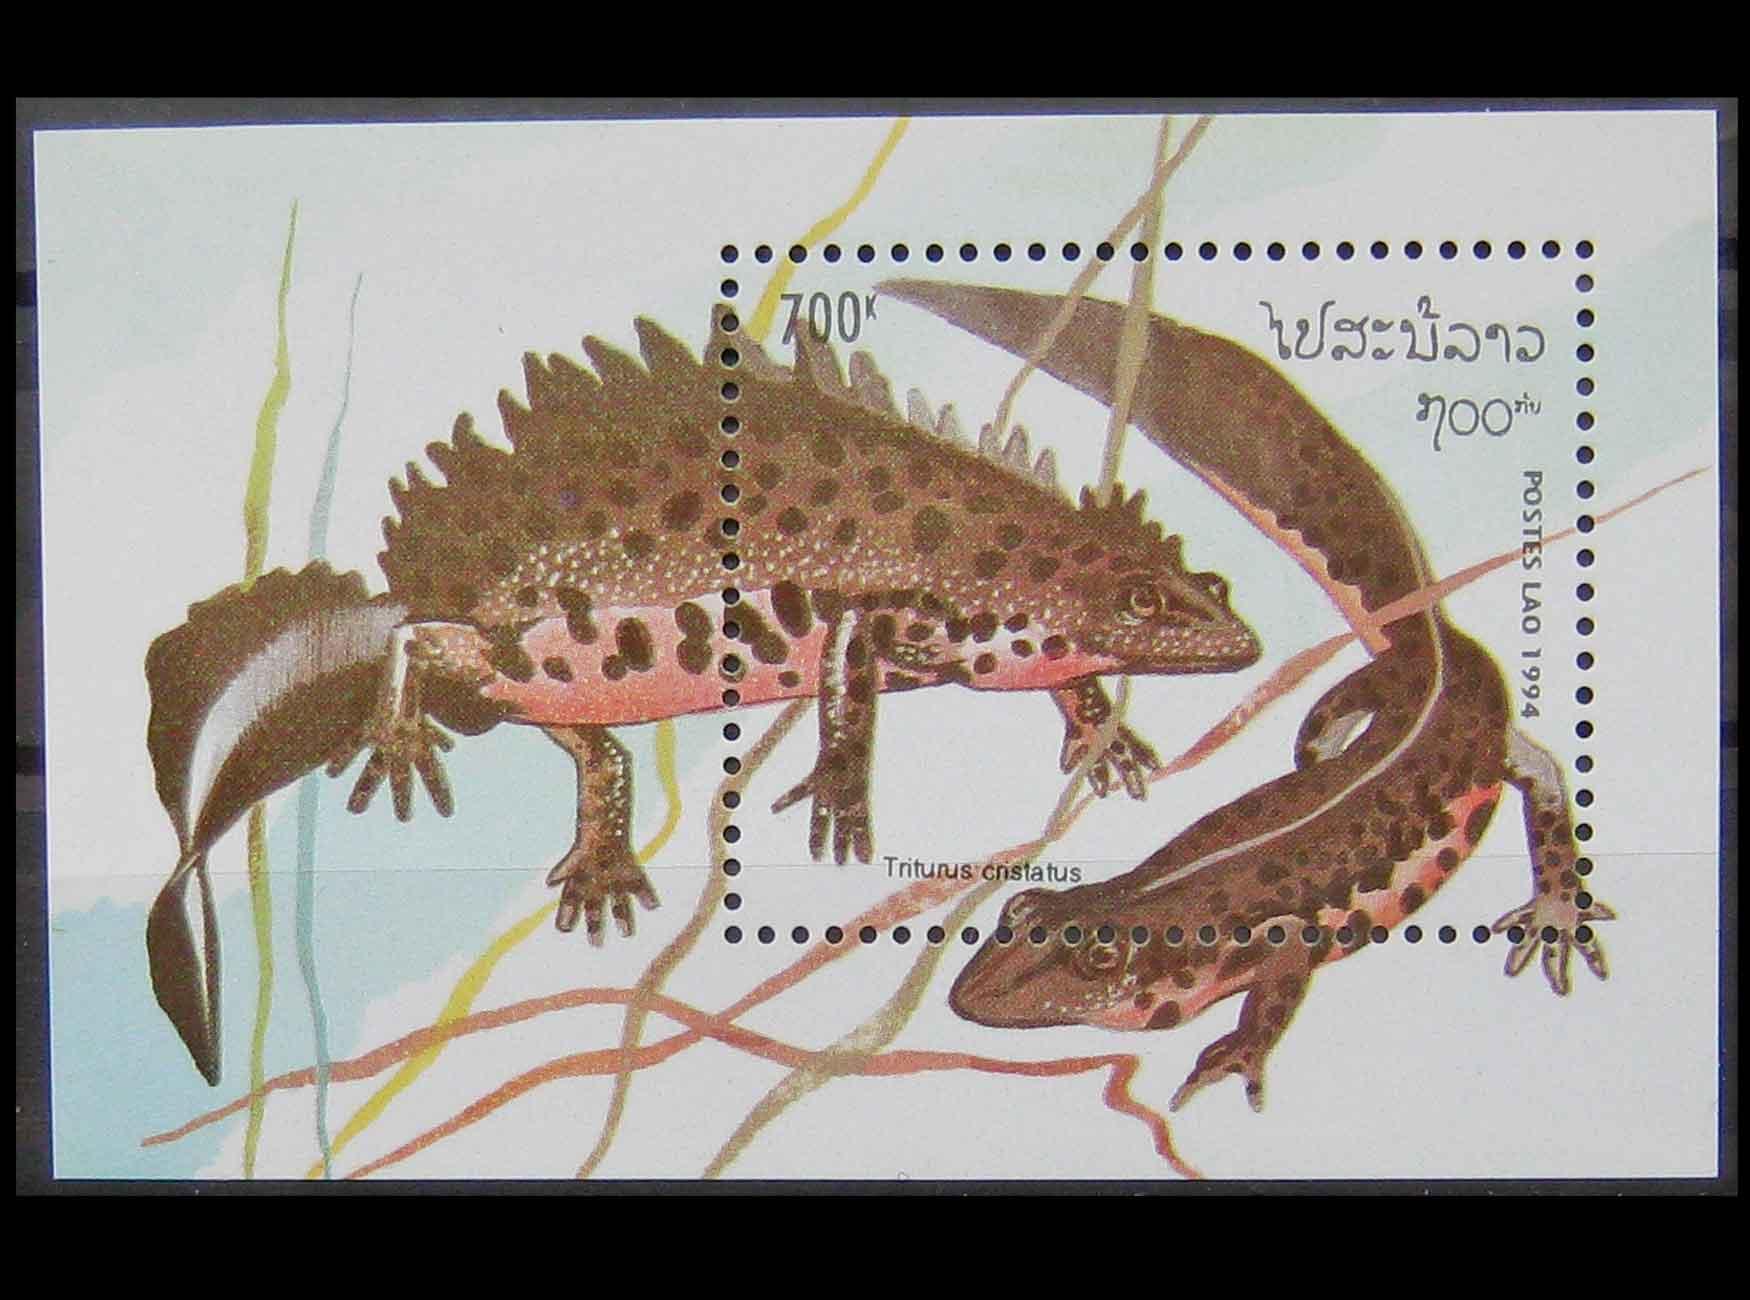 Древние рептилии и амфибии. динозавры